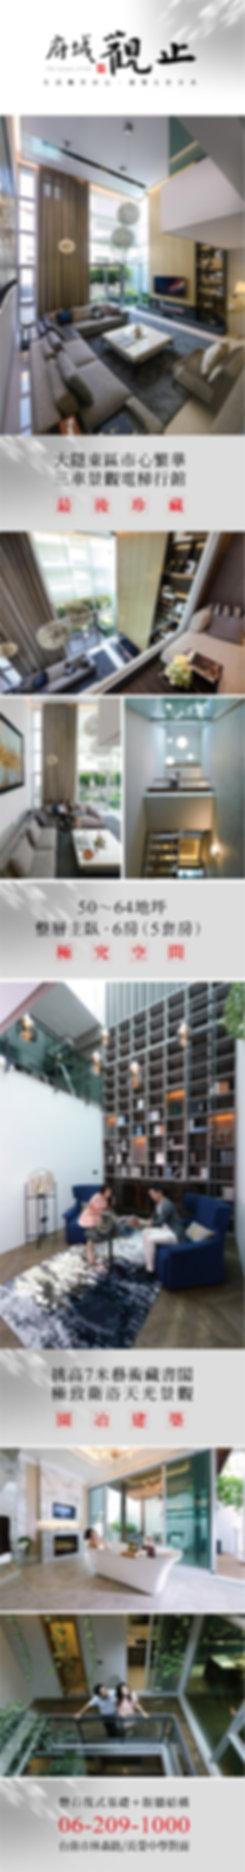 單頁廣告-01.jpg